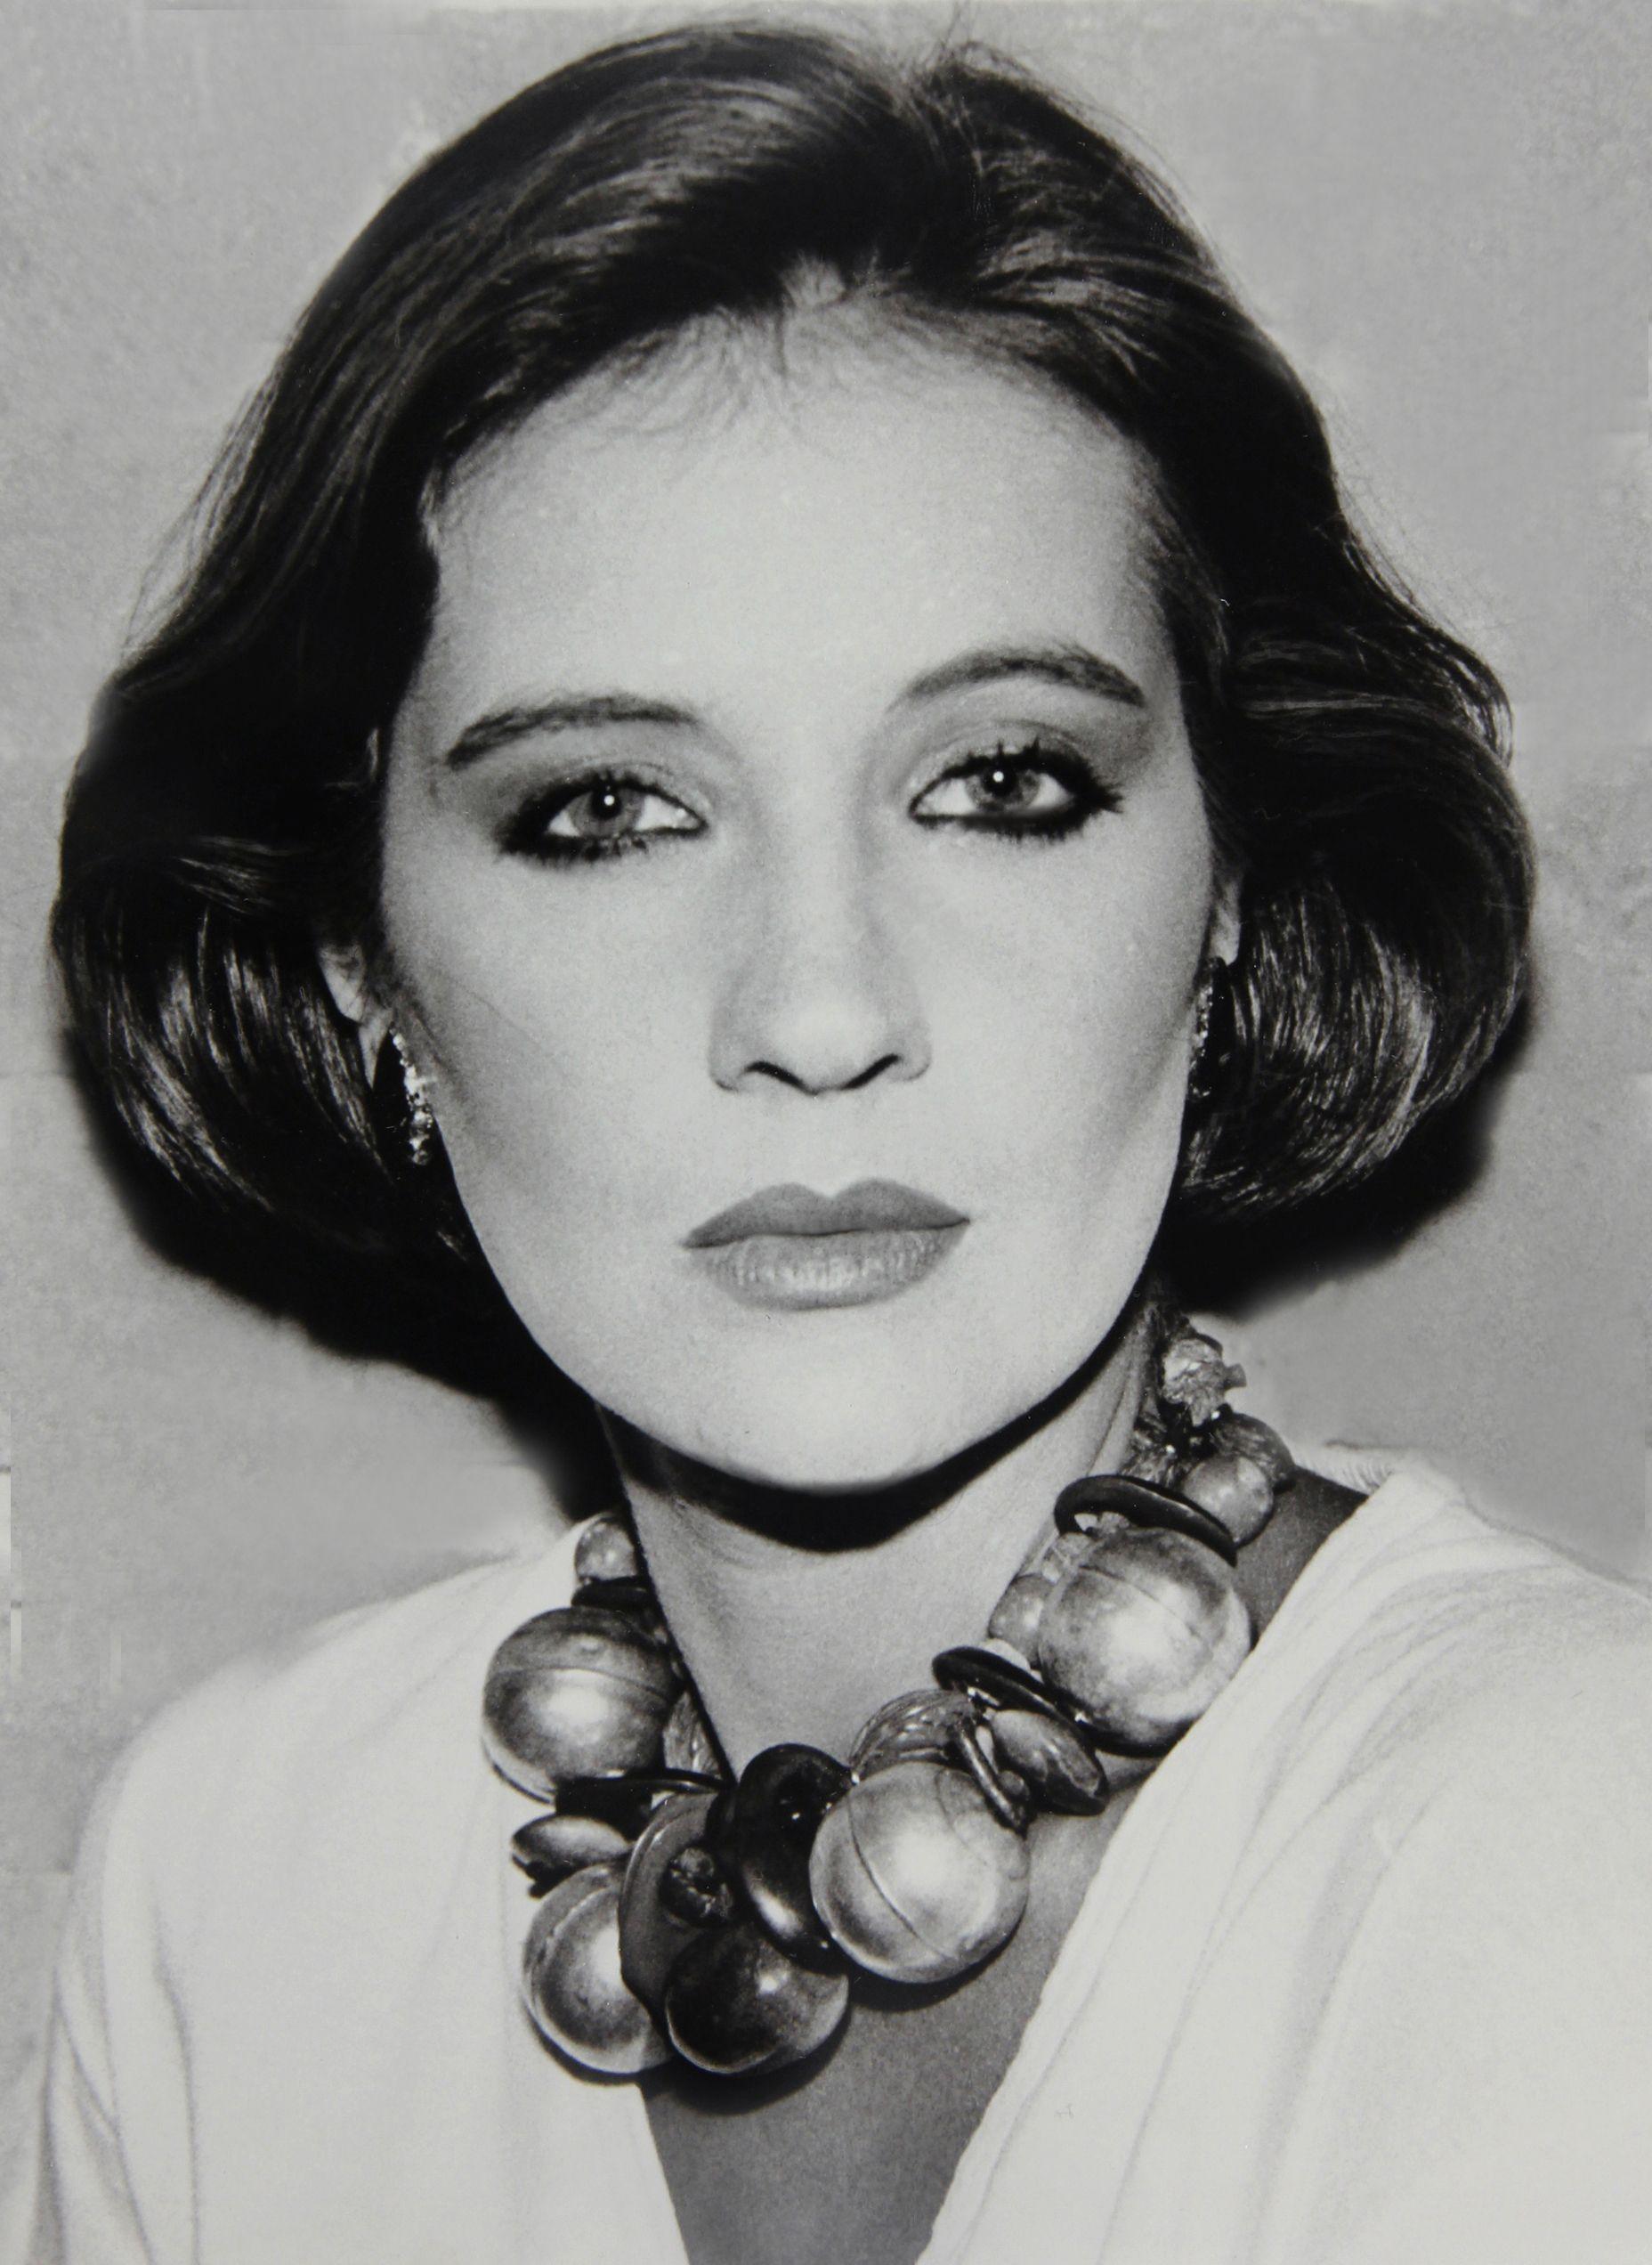 Suivez son histoire Célèbre mannequin du Québec  Claudine Dufour sœur de Dominique Dufour  Muse de M. Léopold Bissonnette